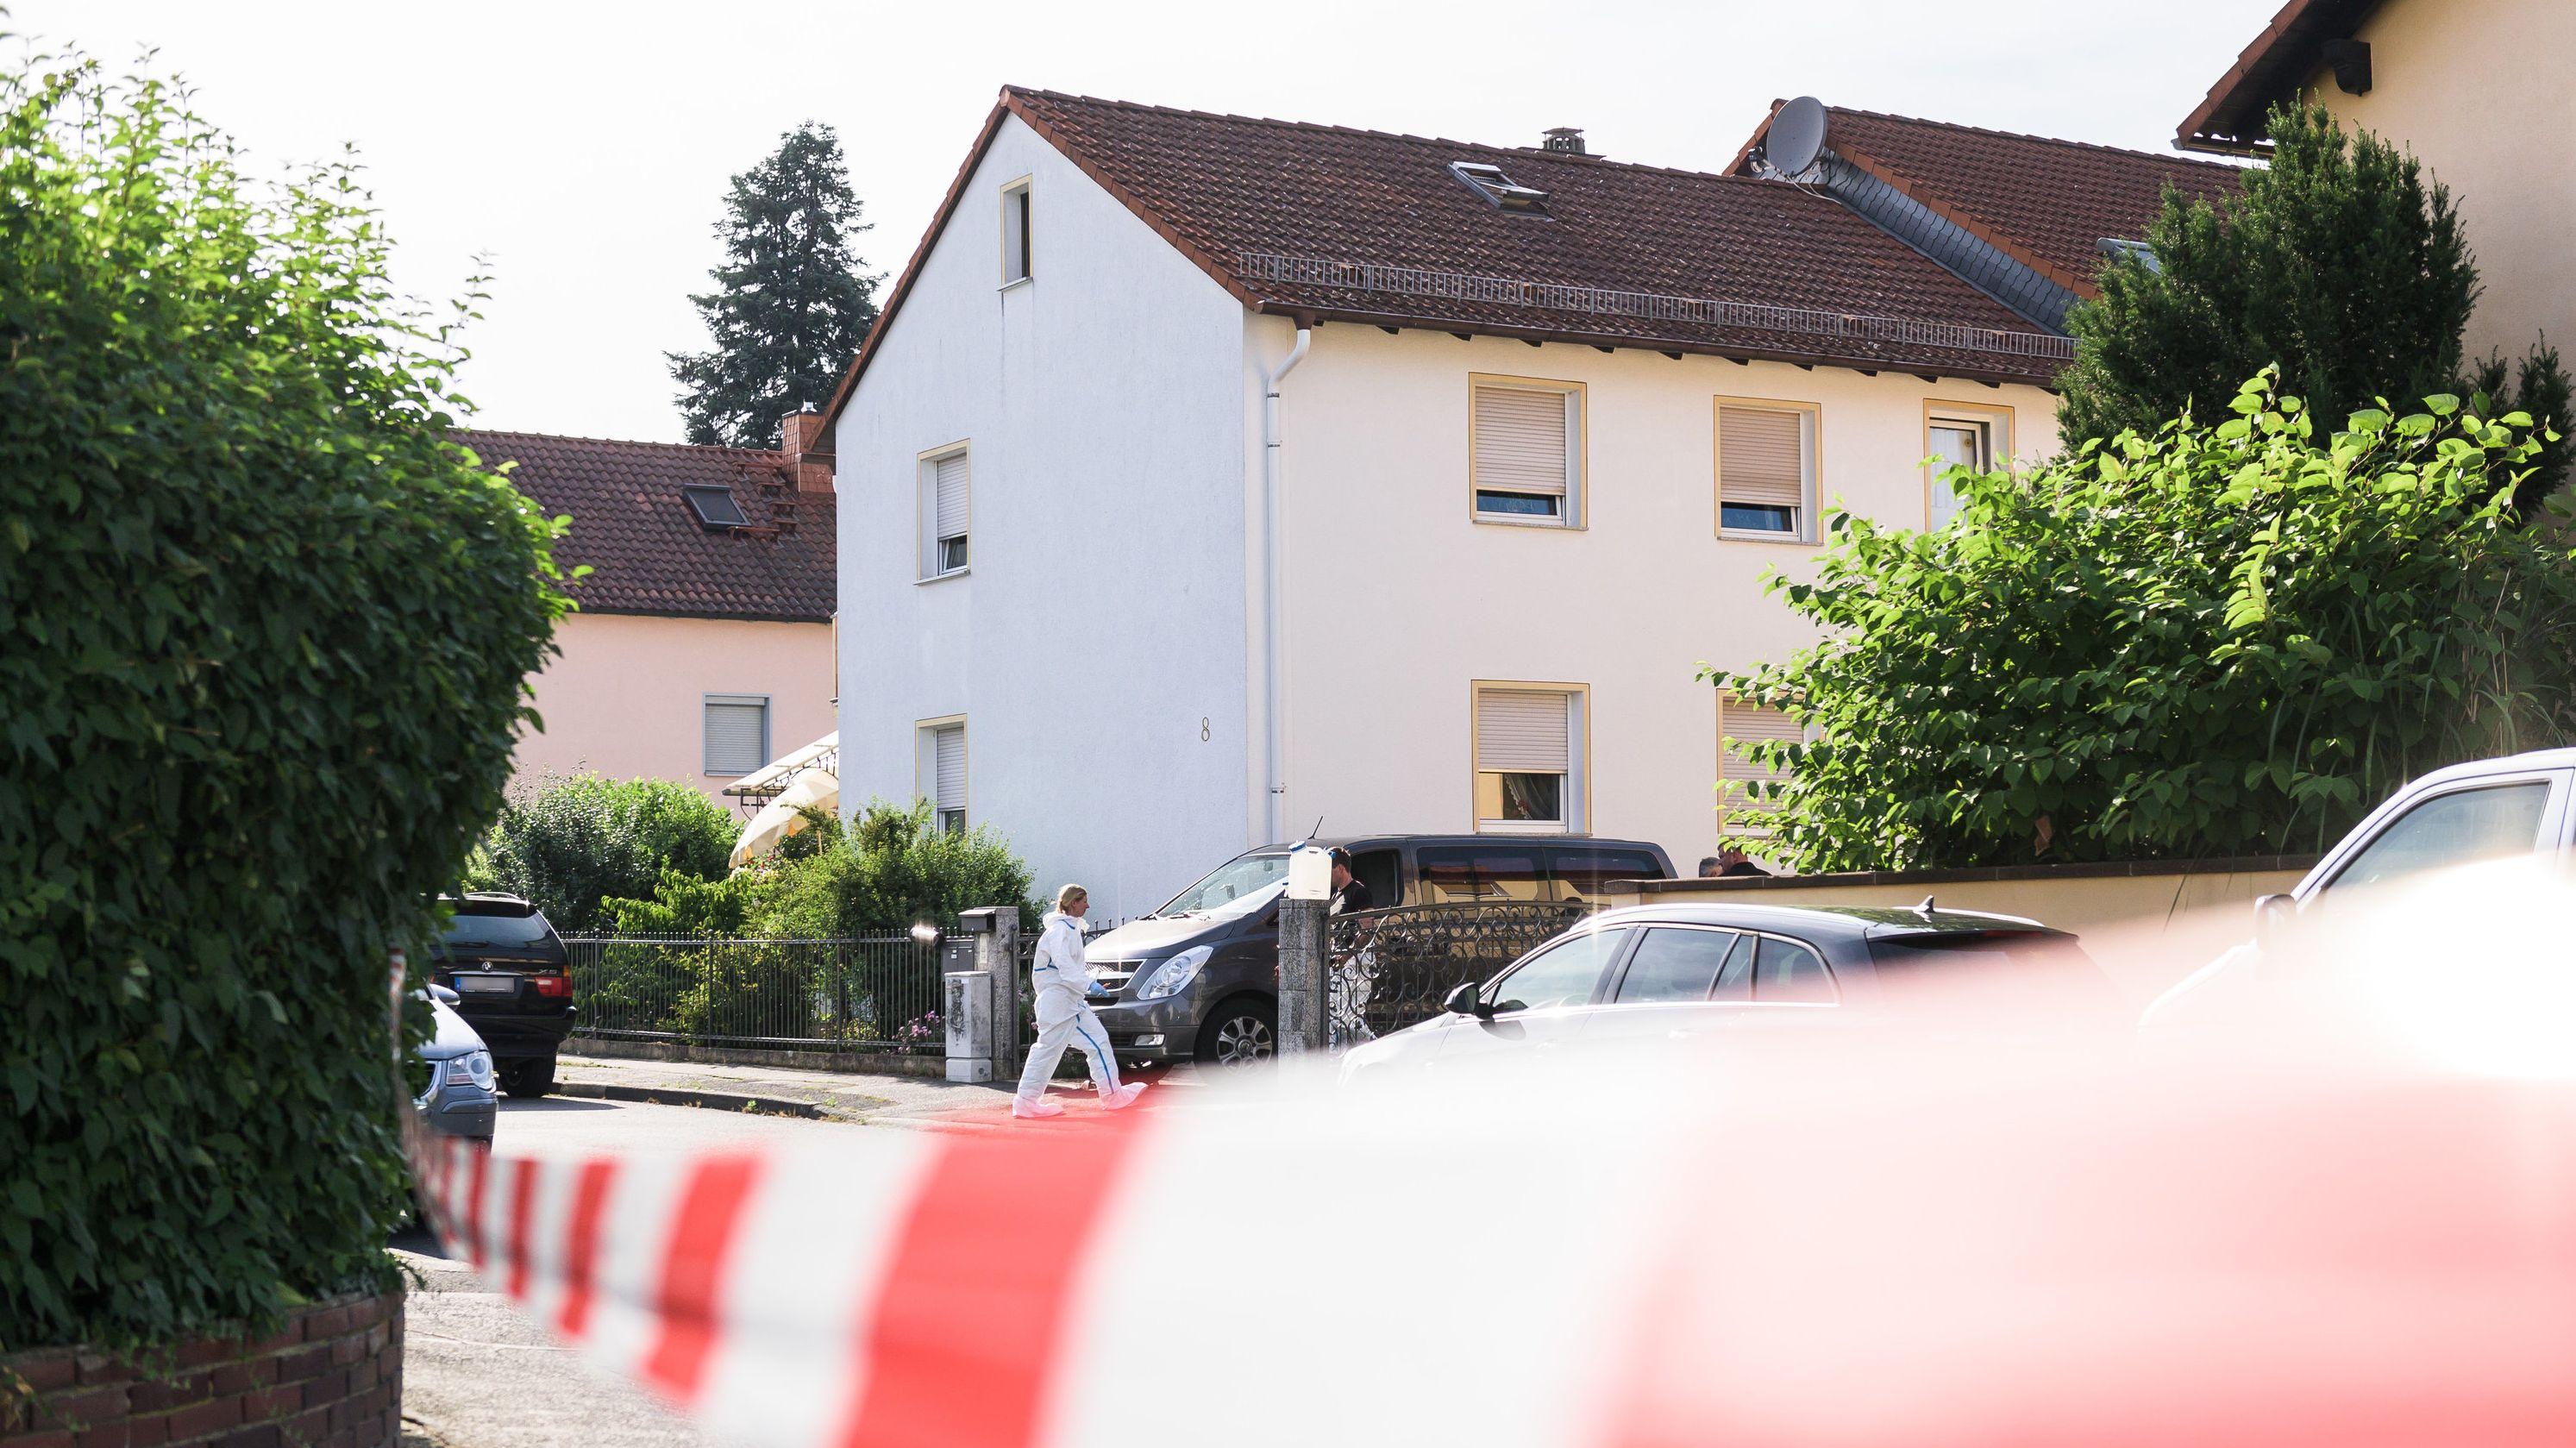 Zwei Tote in Wohnhaus in Kahl am Main gefunden